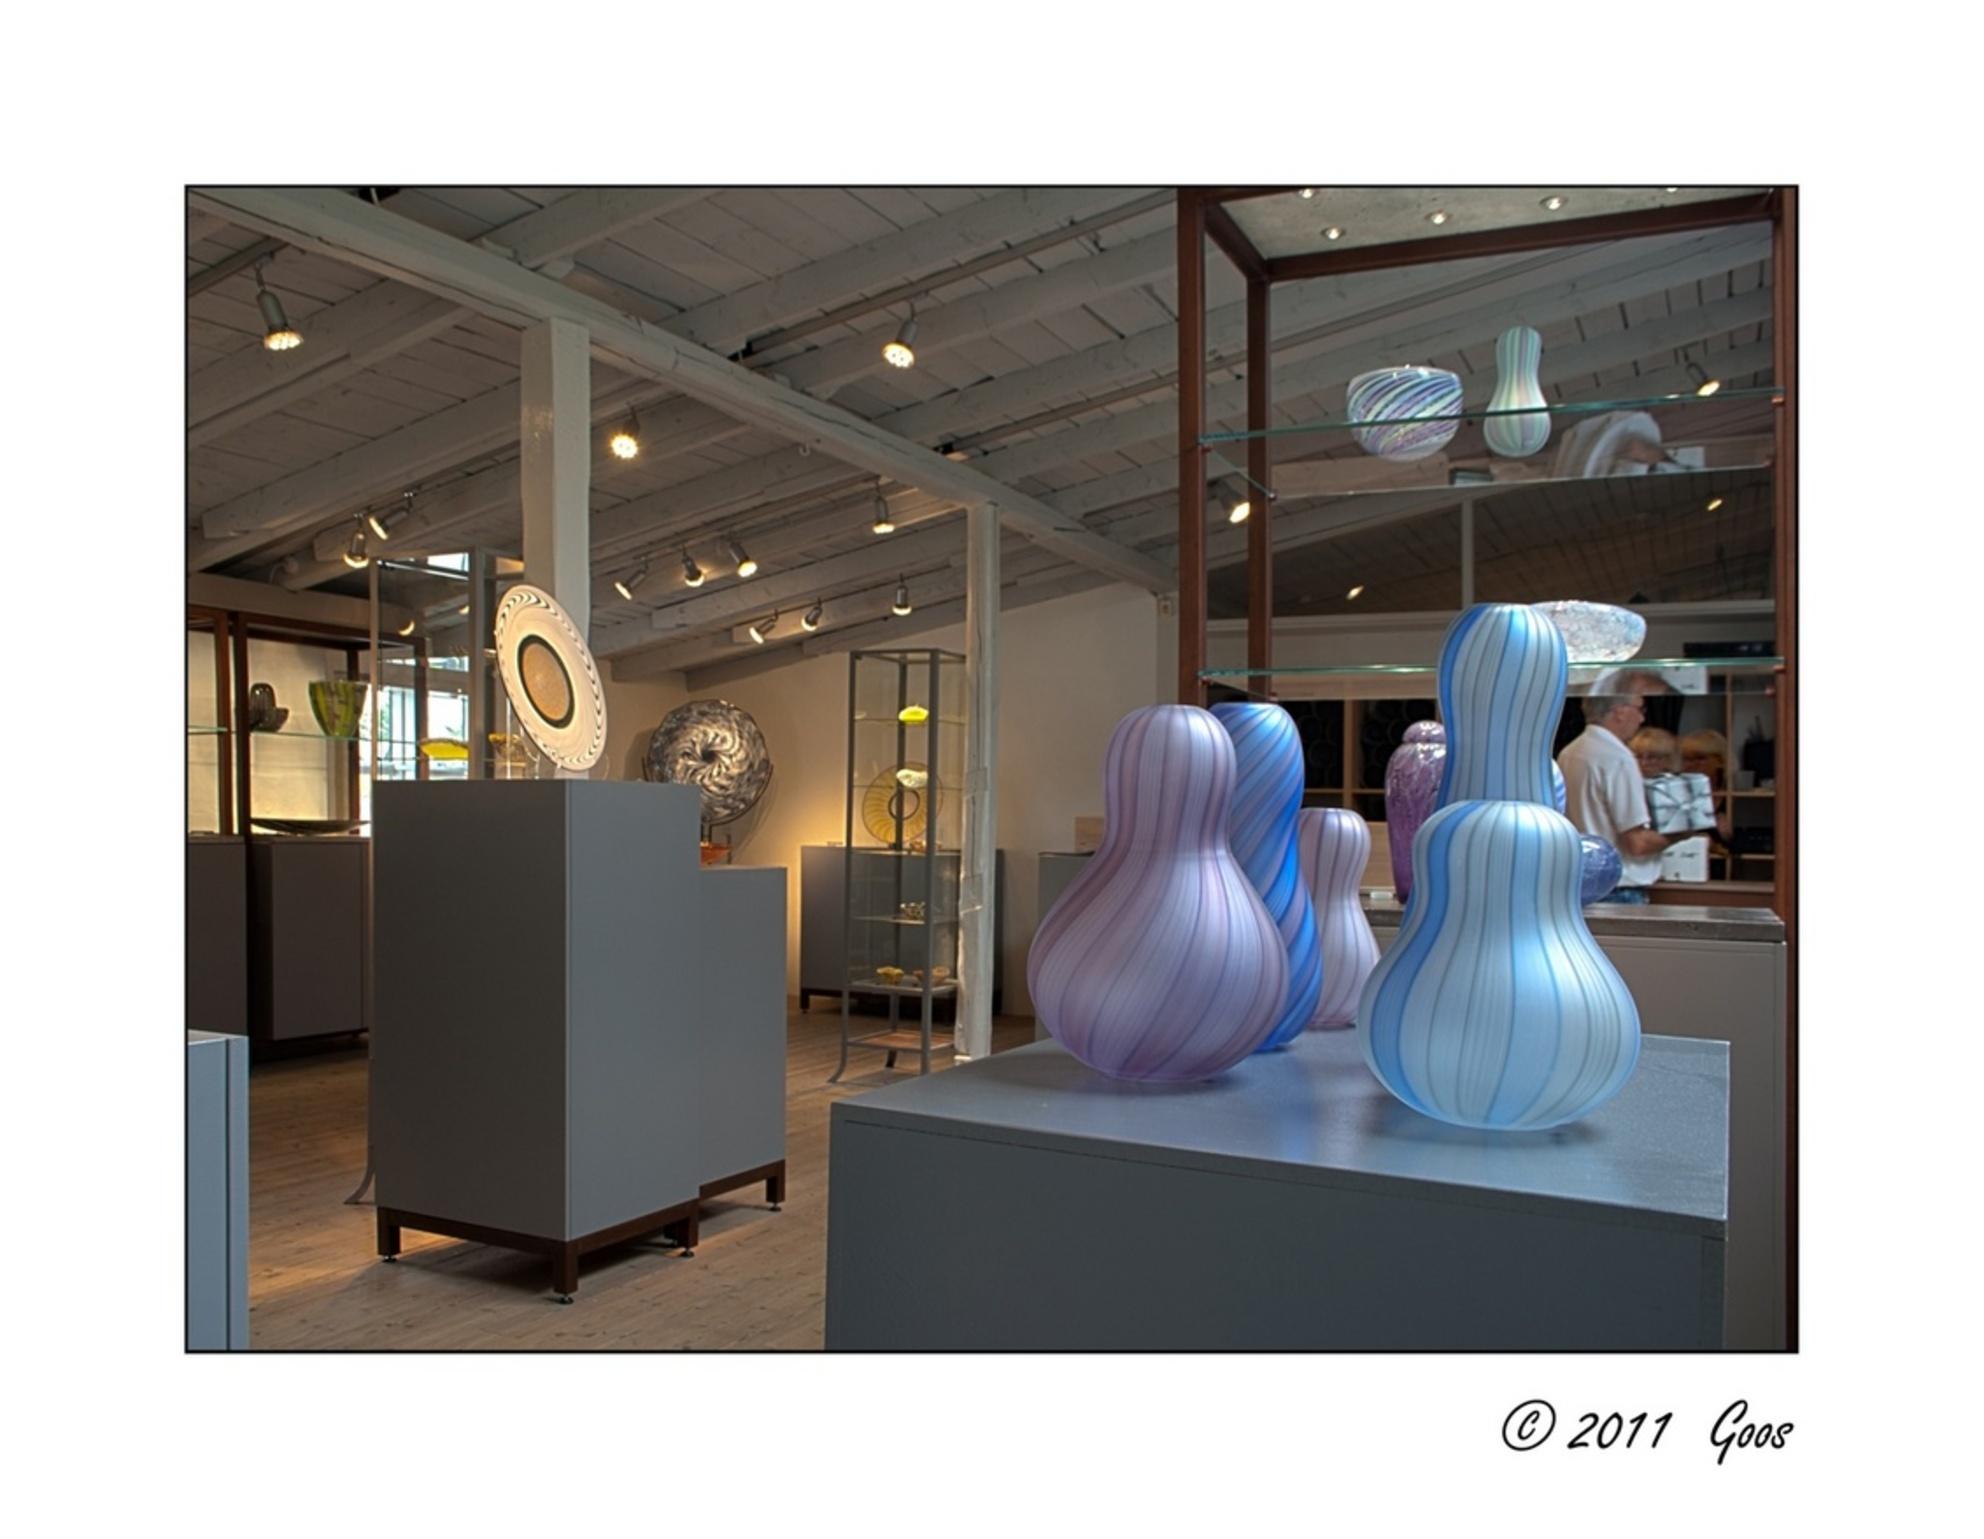 Glasblazerij 5 - Naast de glasblazerij was er ook een tentoonstellingsruimte annex winkel.  Dit is een HDR-opname. - foto door goosveenendaal op 29-01-2012 - deze foto bevat: glasblazerij